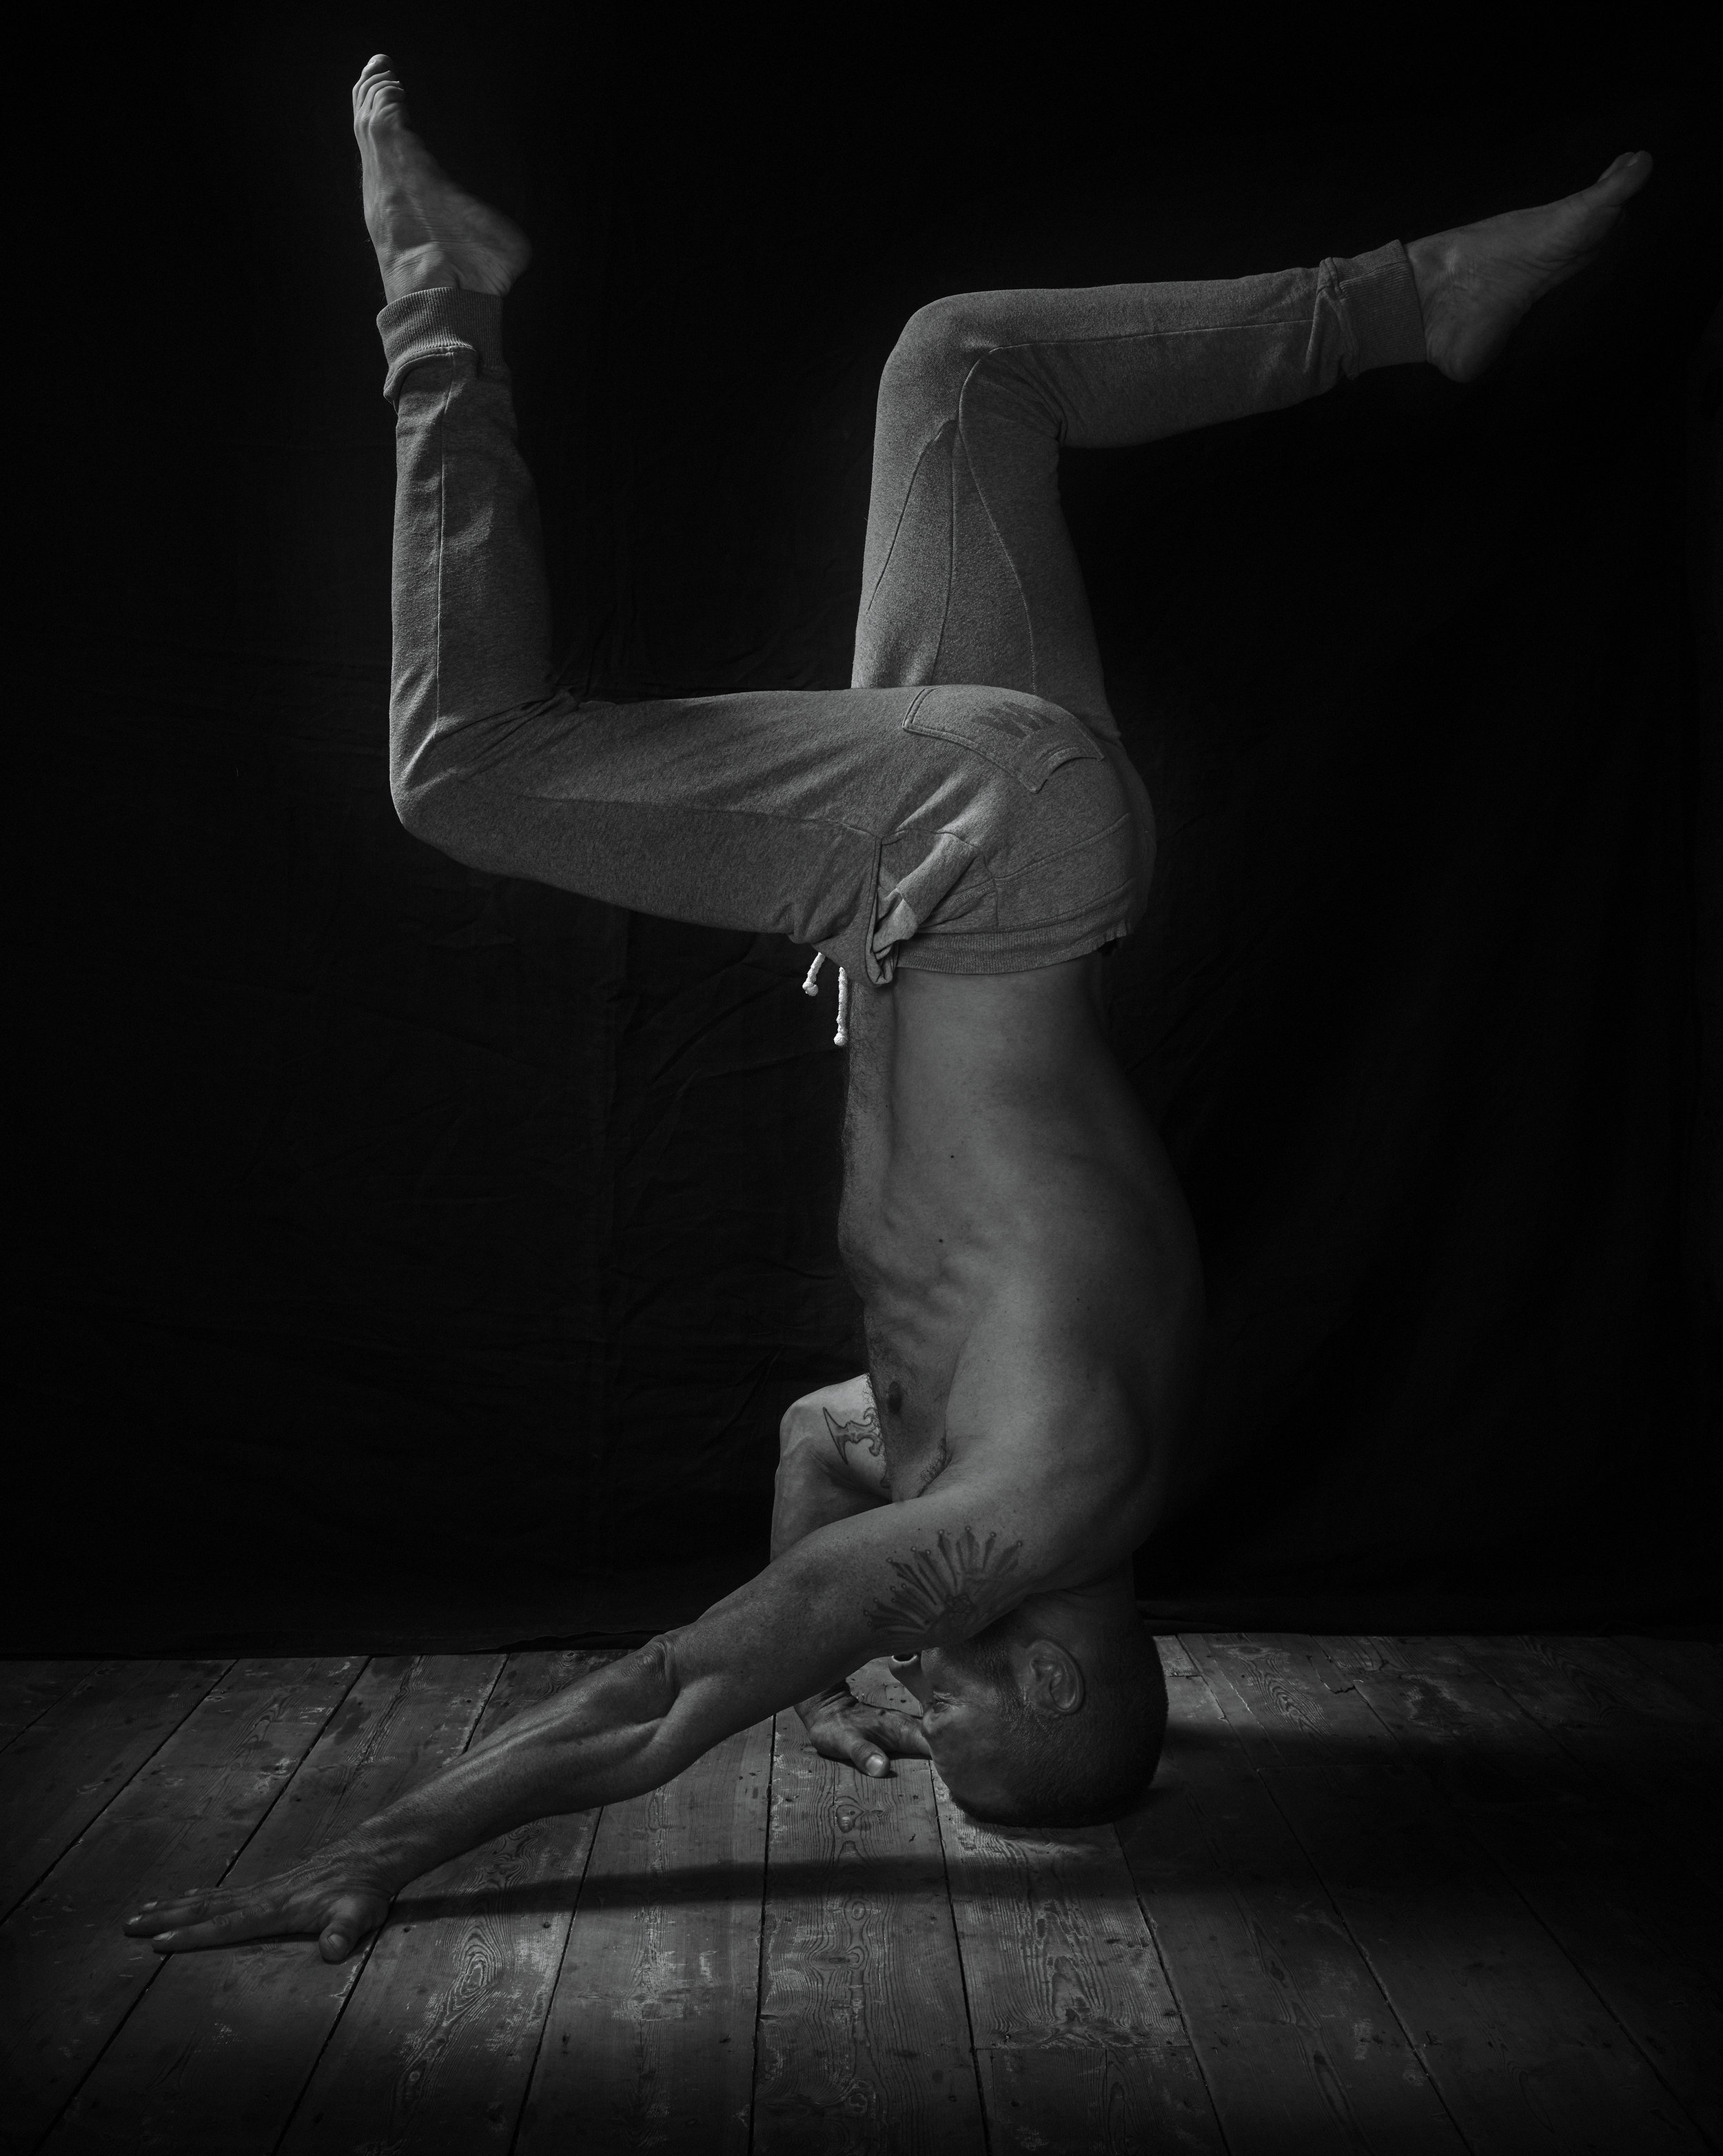 190603_CalebPackham_YogaShoot_03_0080.jpg